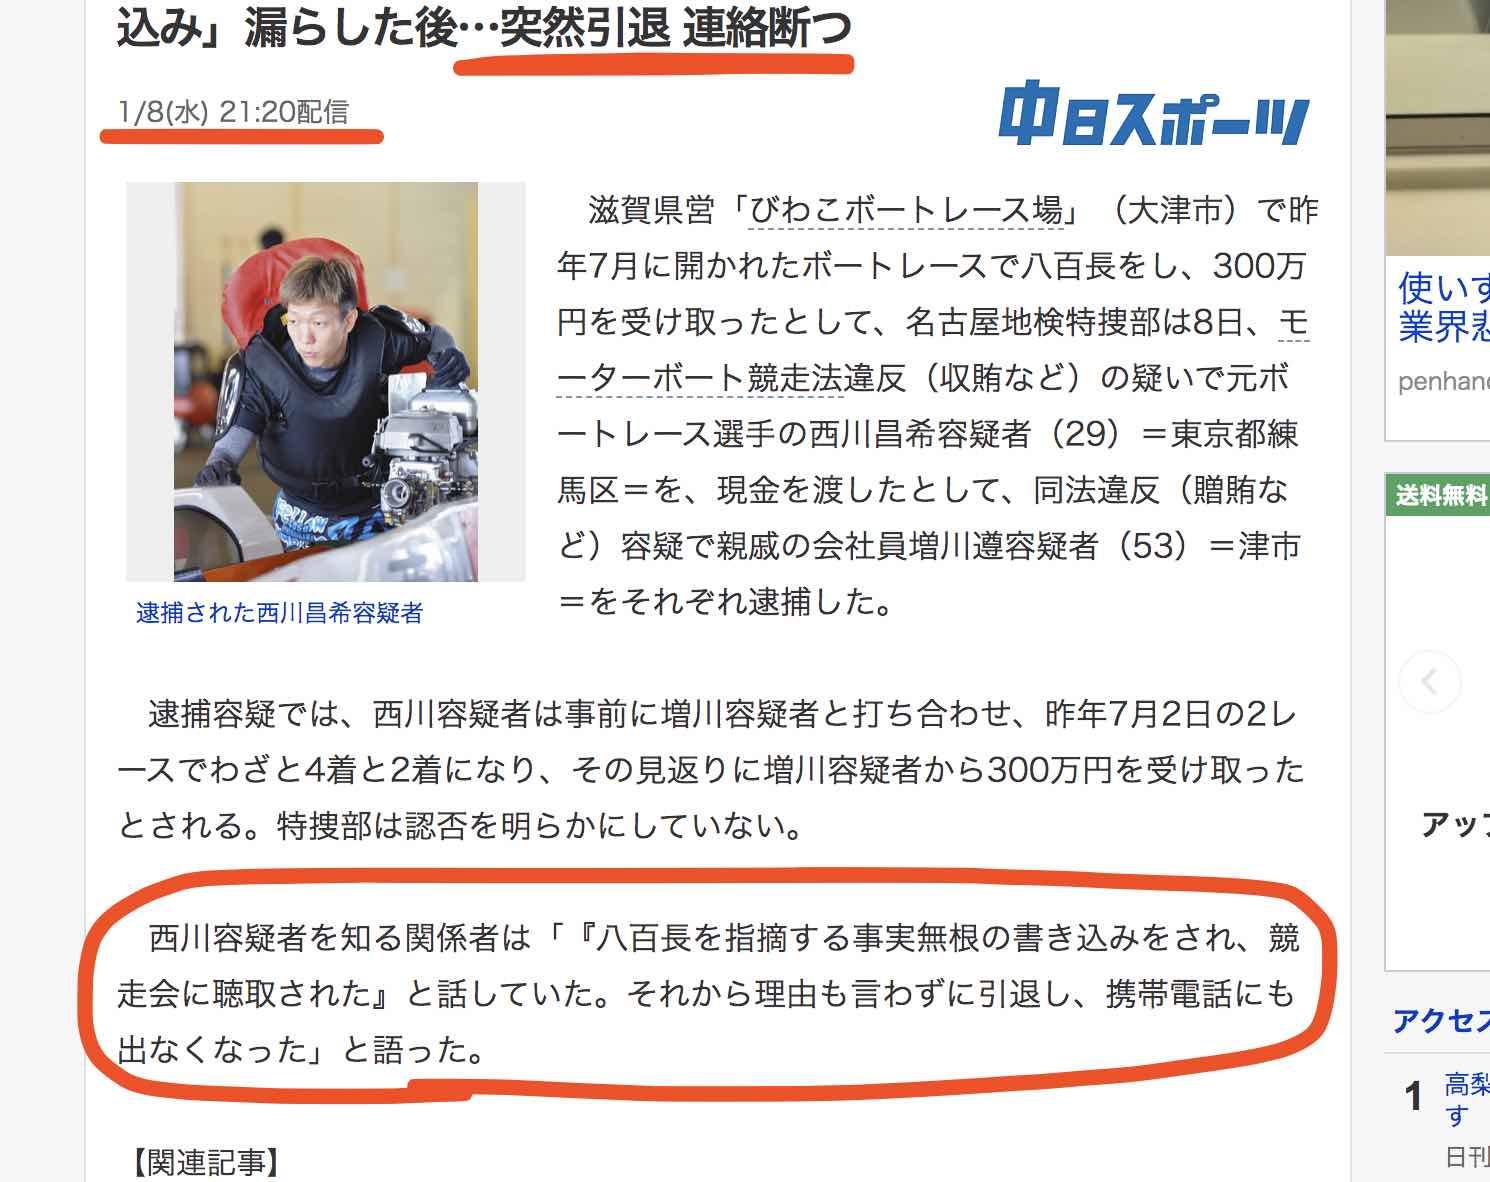 競艇八百長で逮捕された元競艇選手の西川昌希はビビって逃げた